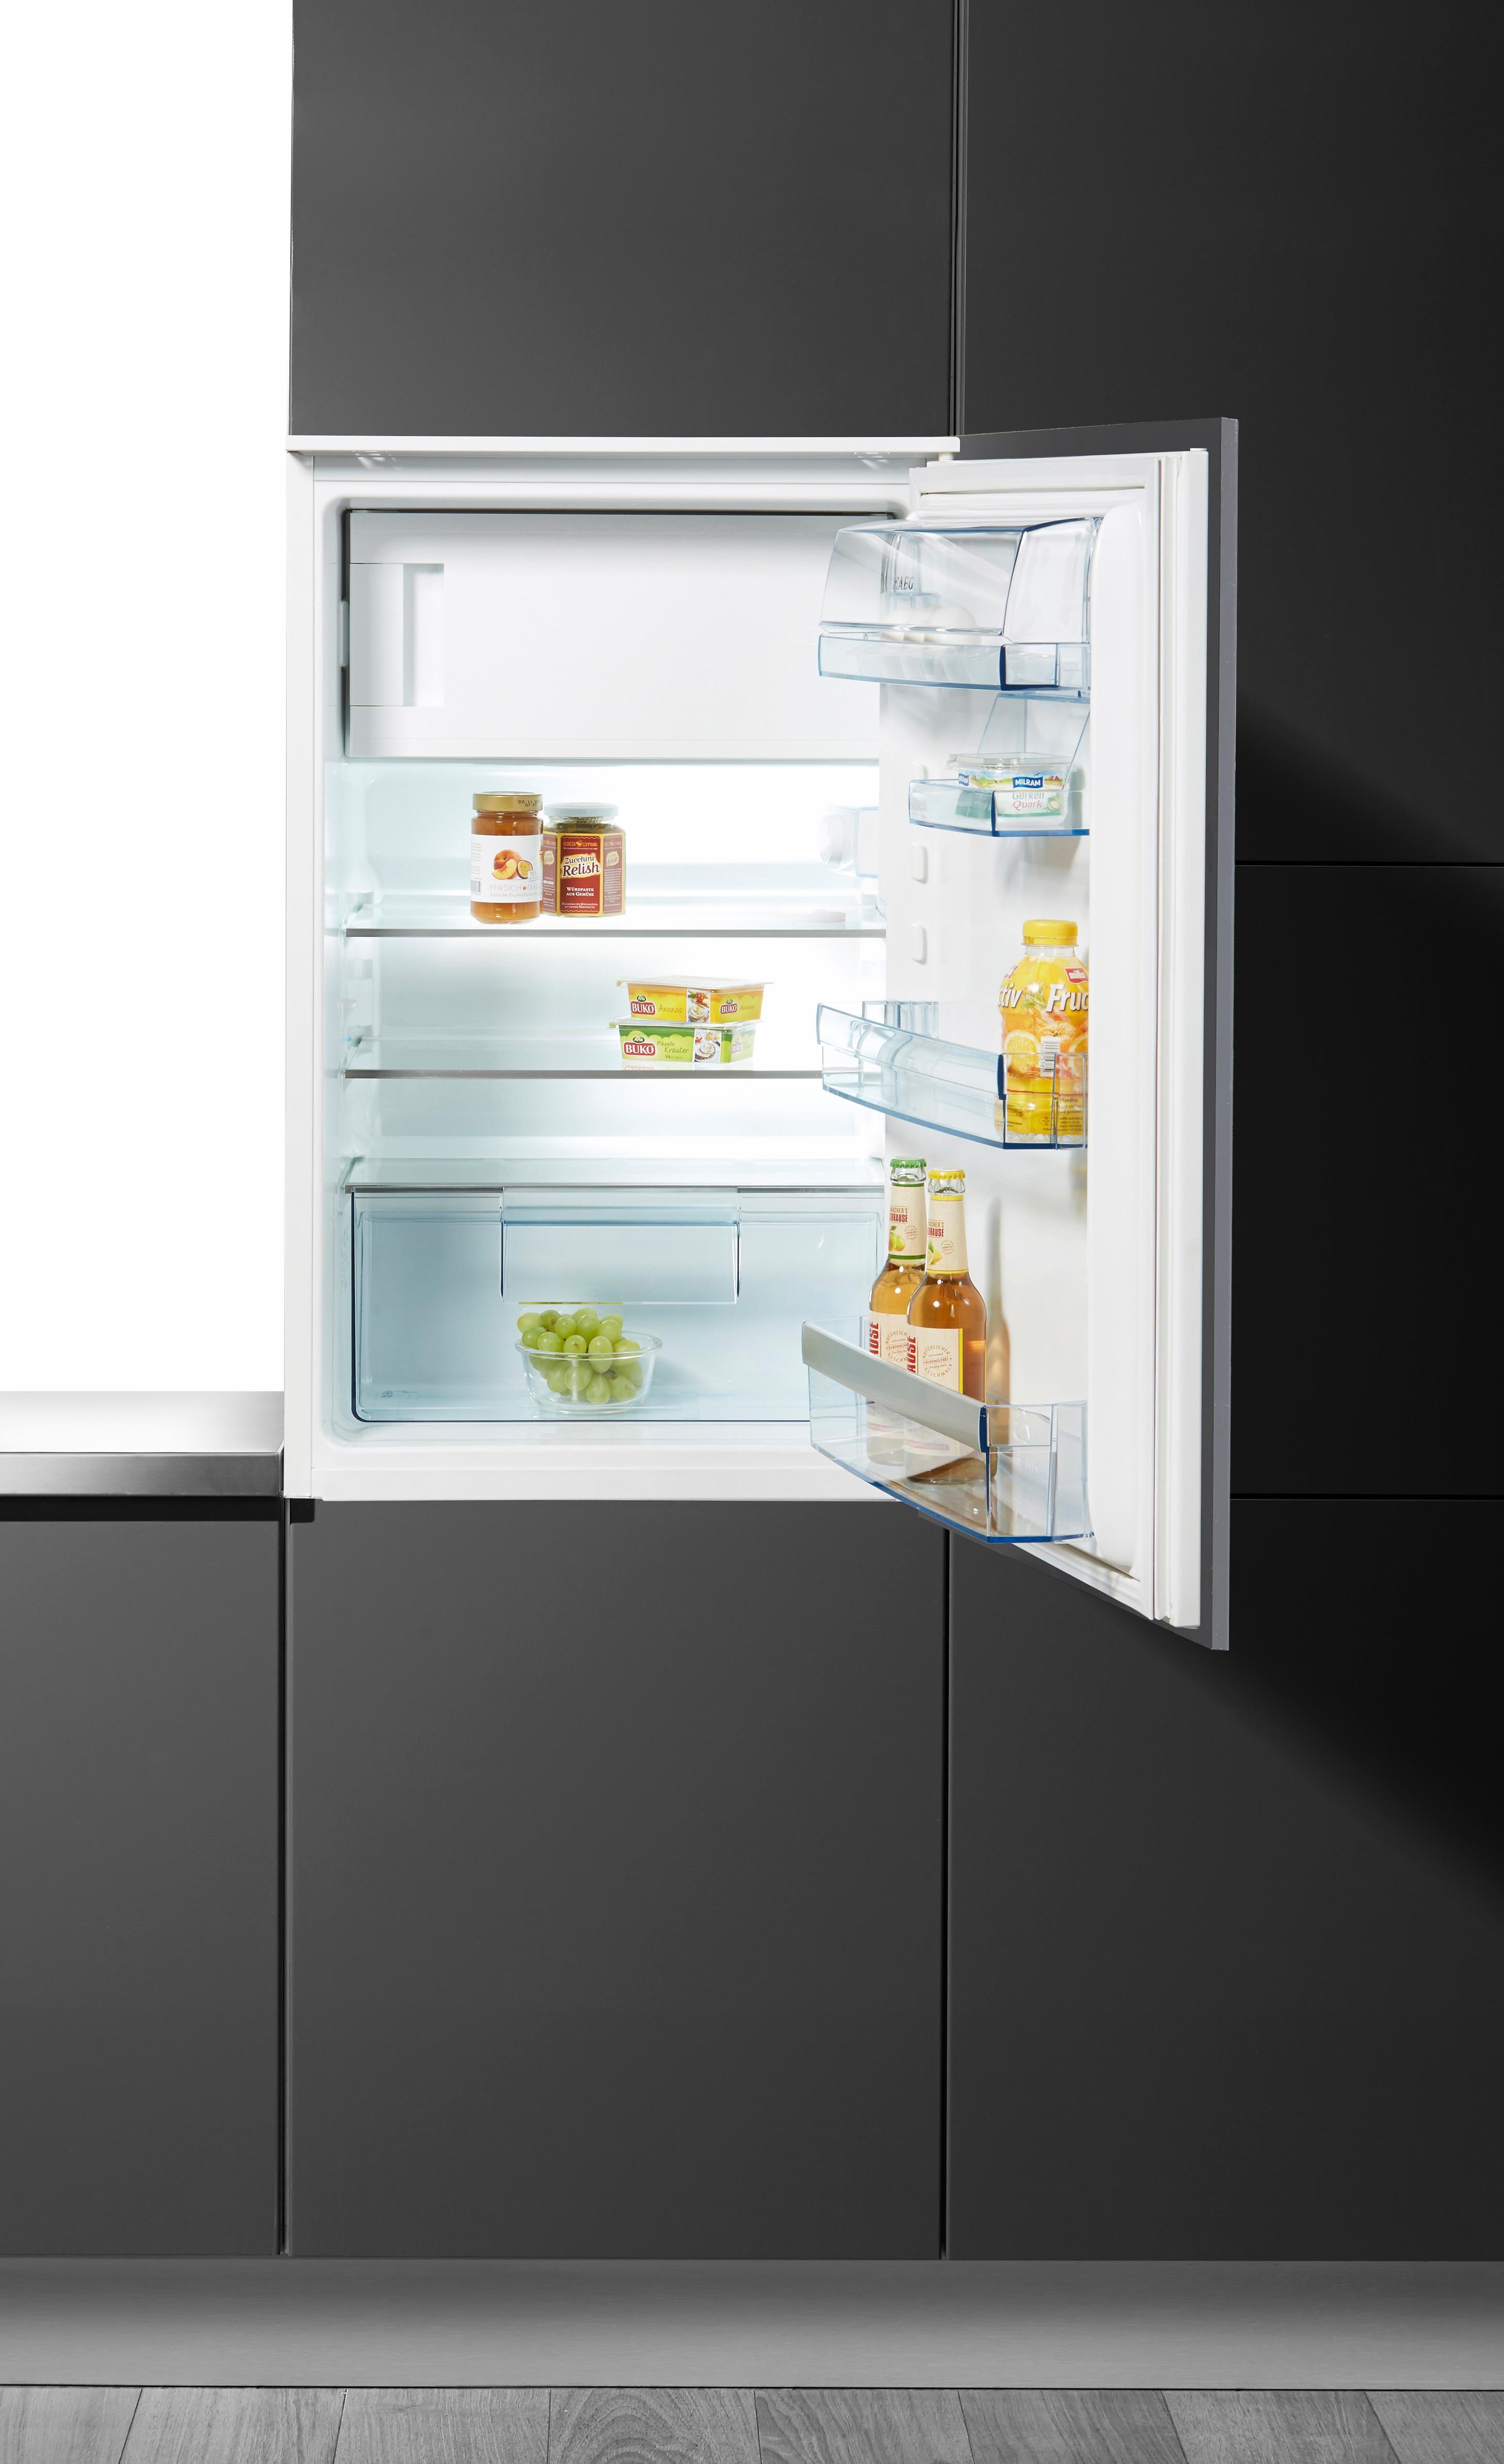 AEG integrierbarer Einbaukühlschrank SKA68840S3, Energieklasse A++, 88 cm hoch